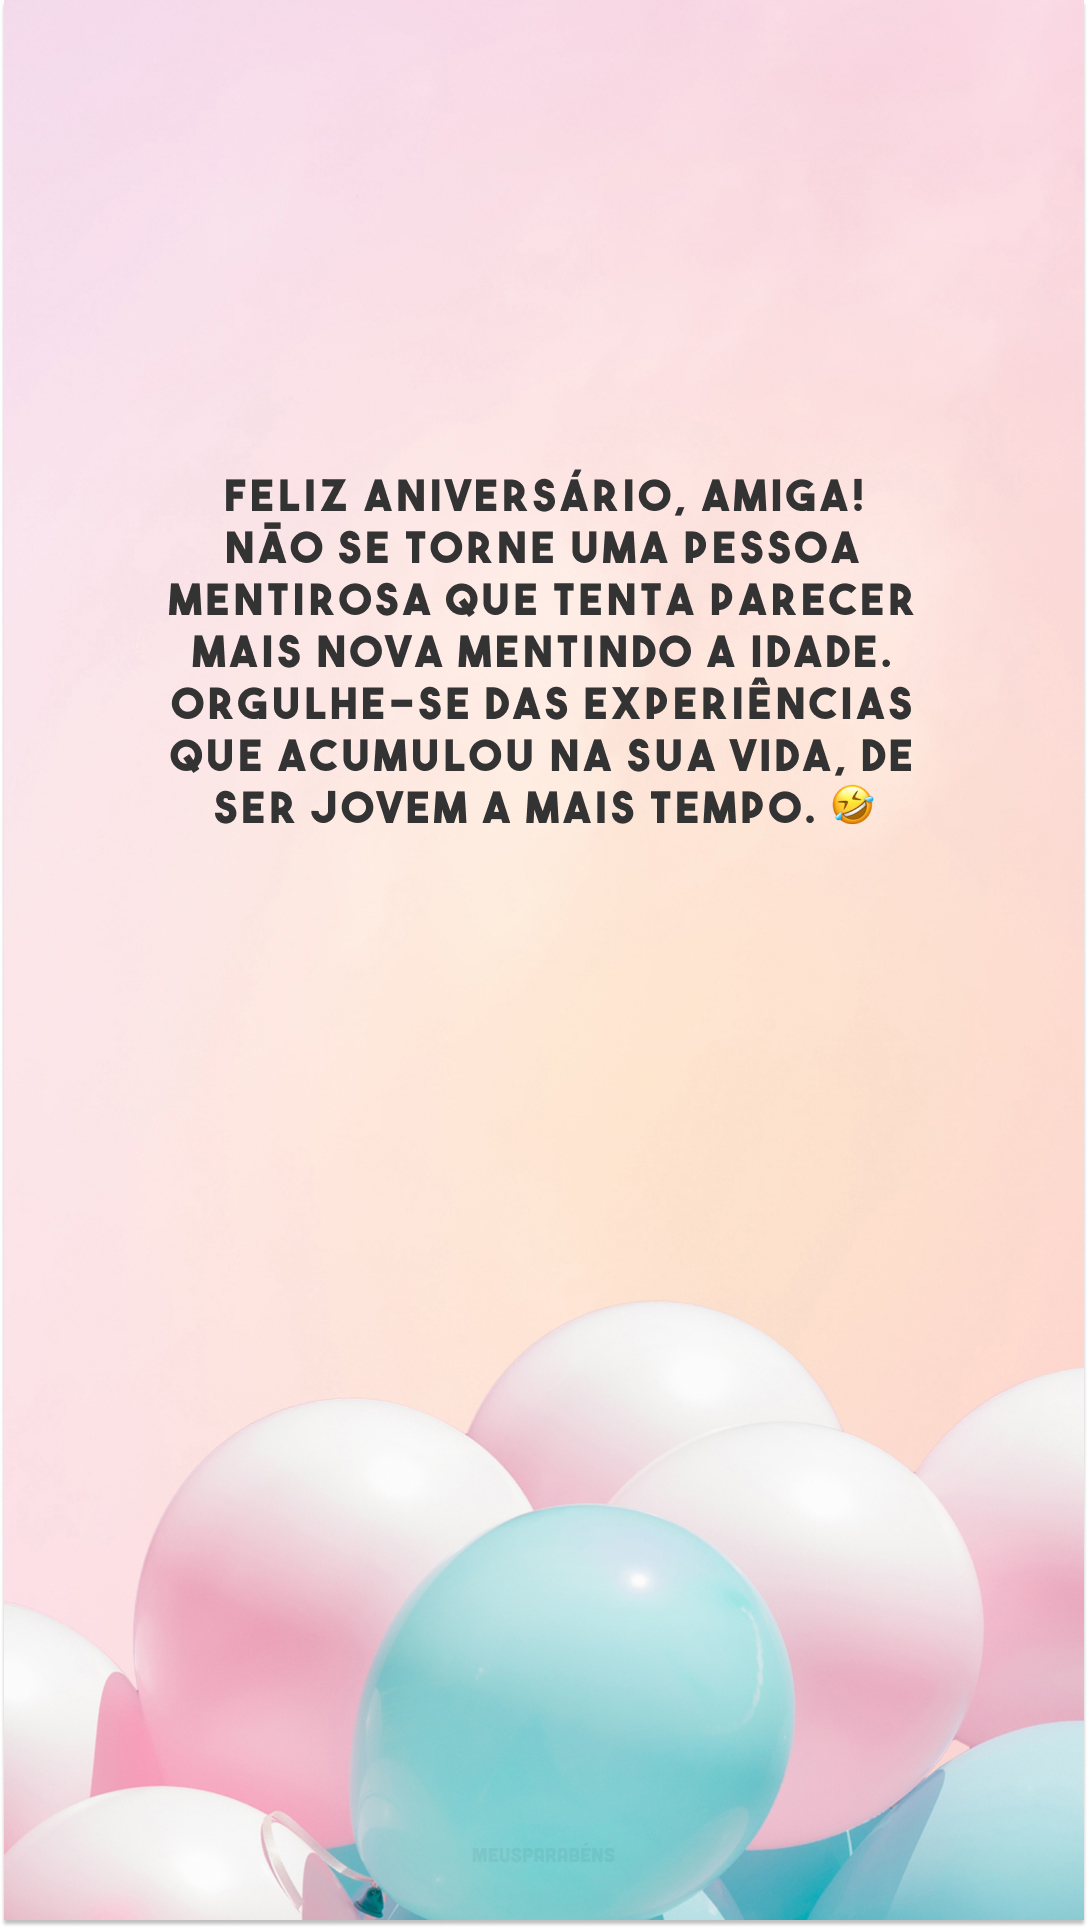 Feliz aniversário, amiga! Não se torne uma pessoa mentirosa que tenta parecer mais nova mentindo a idade. Orgulhe-se das experiências que acumulou na sua vida, de ser jovem a mais tempo. 🤣